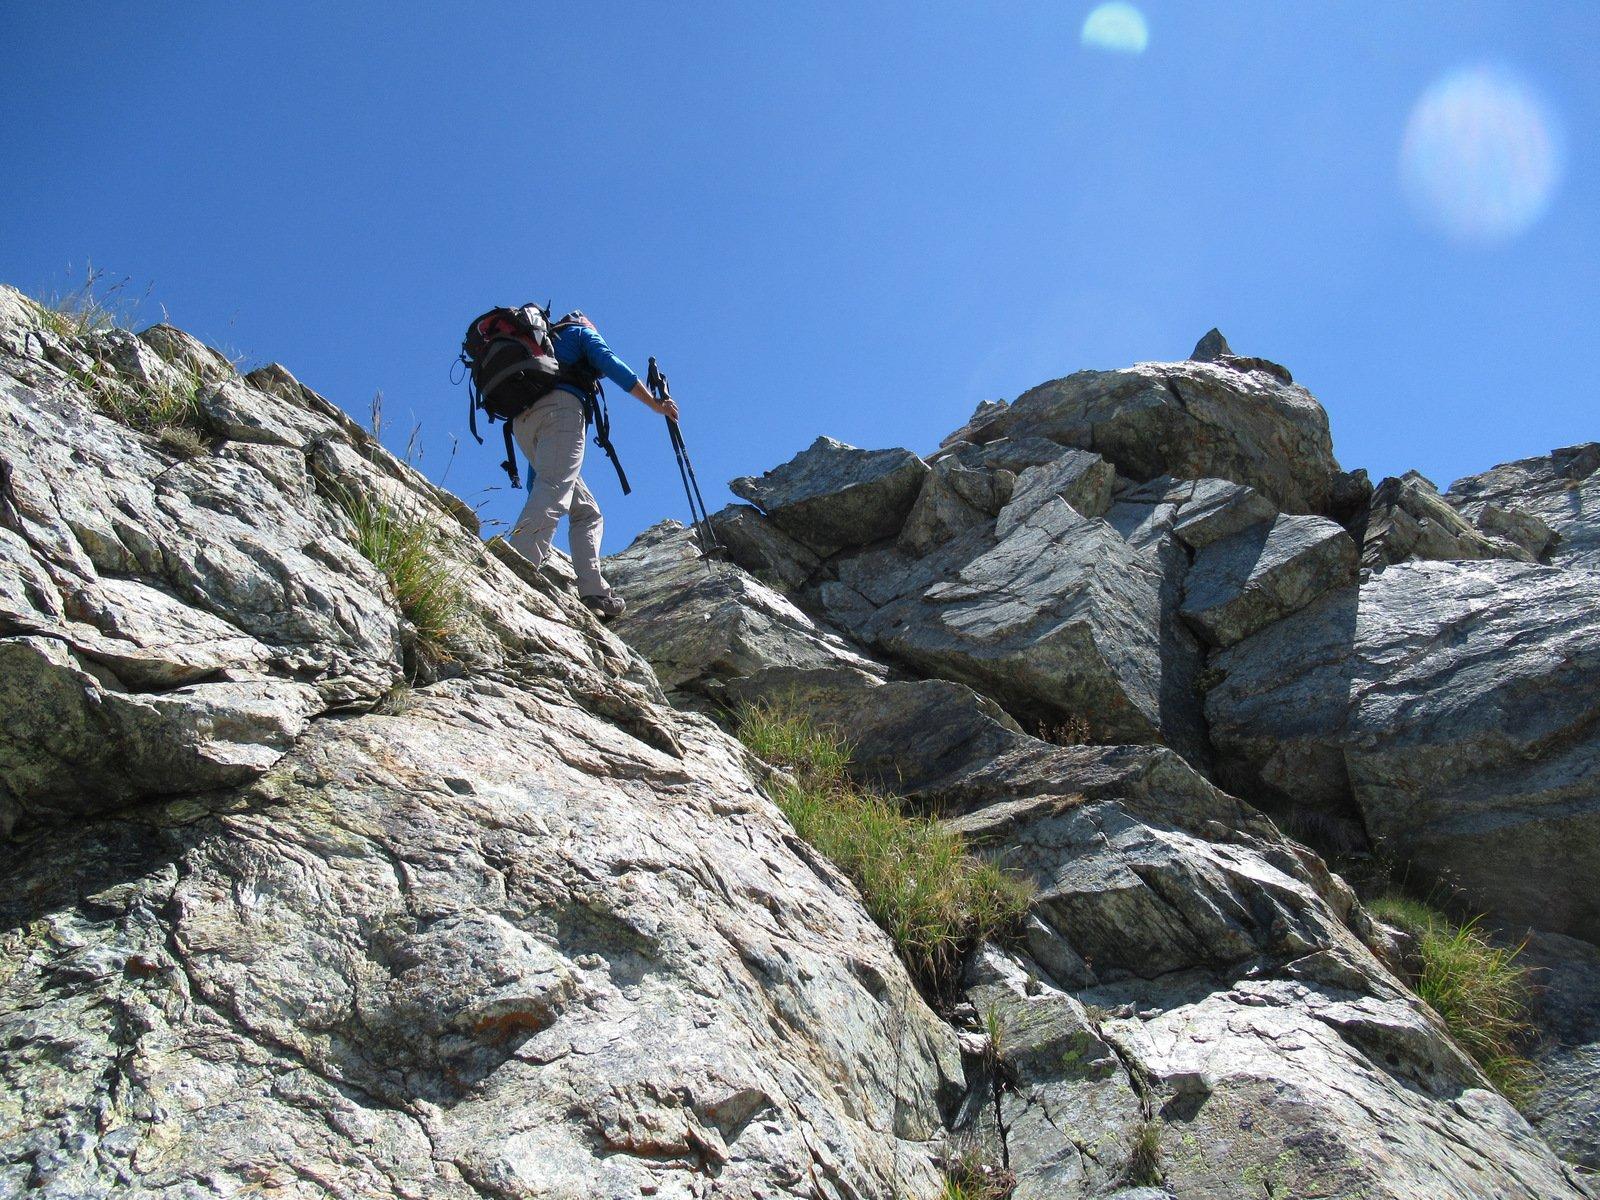 Il ripido scivolo in parte roccioso per raggiungere il punto più alto del Bec Mulere